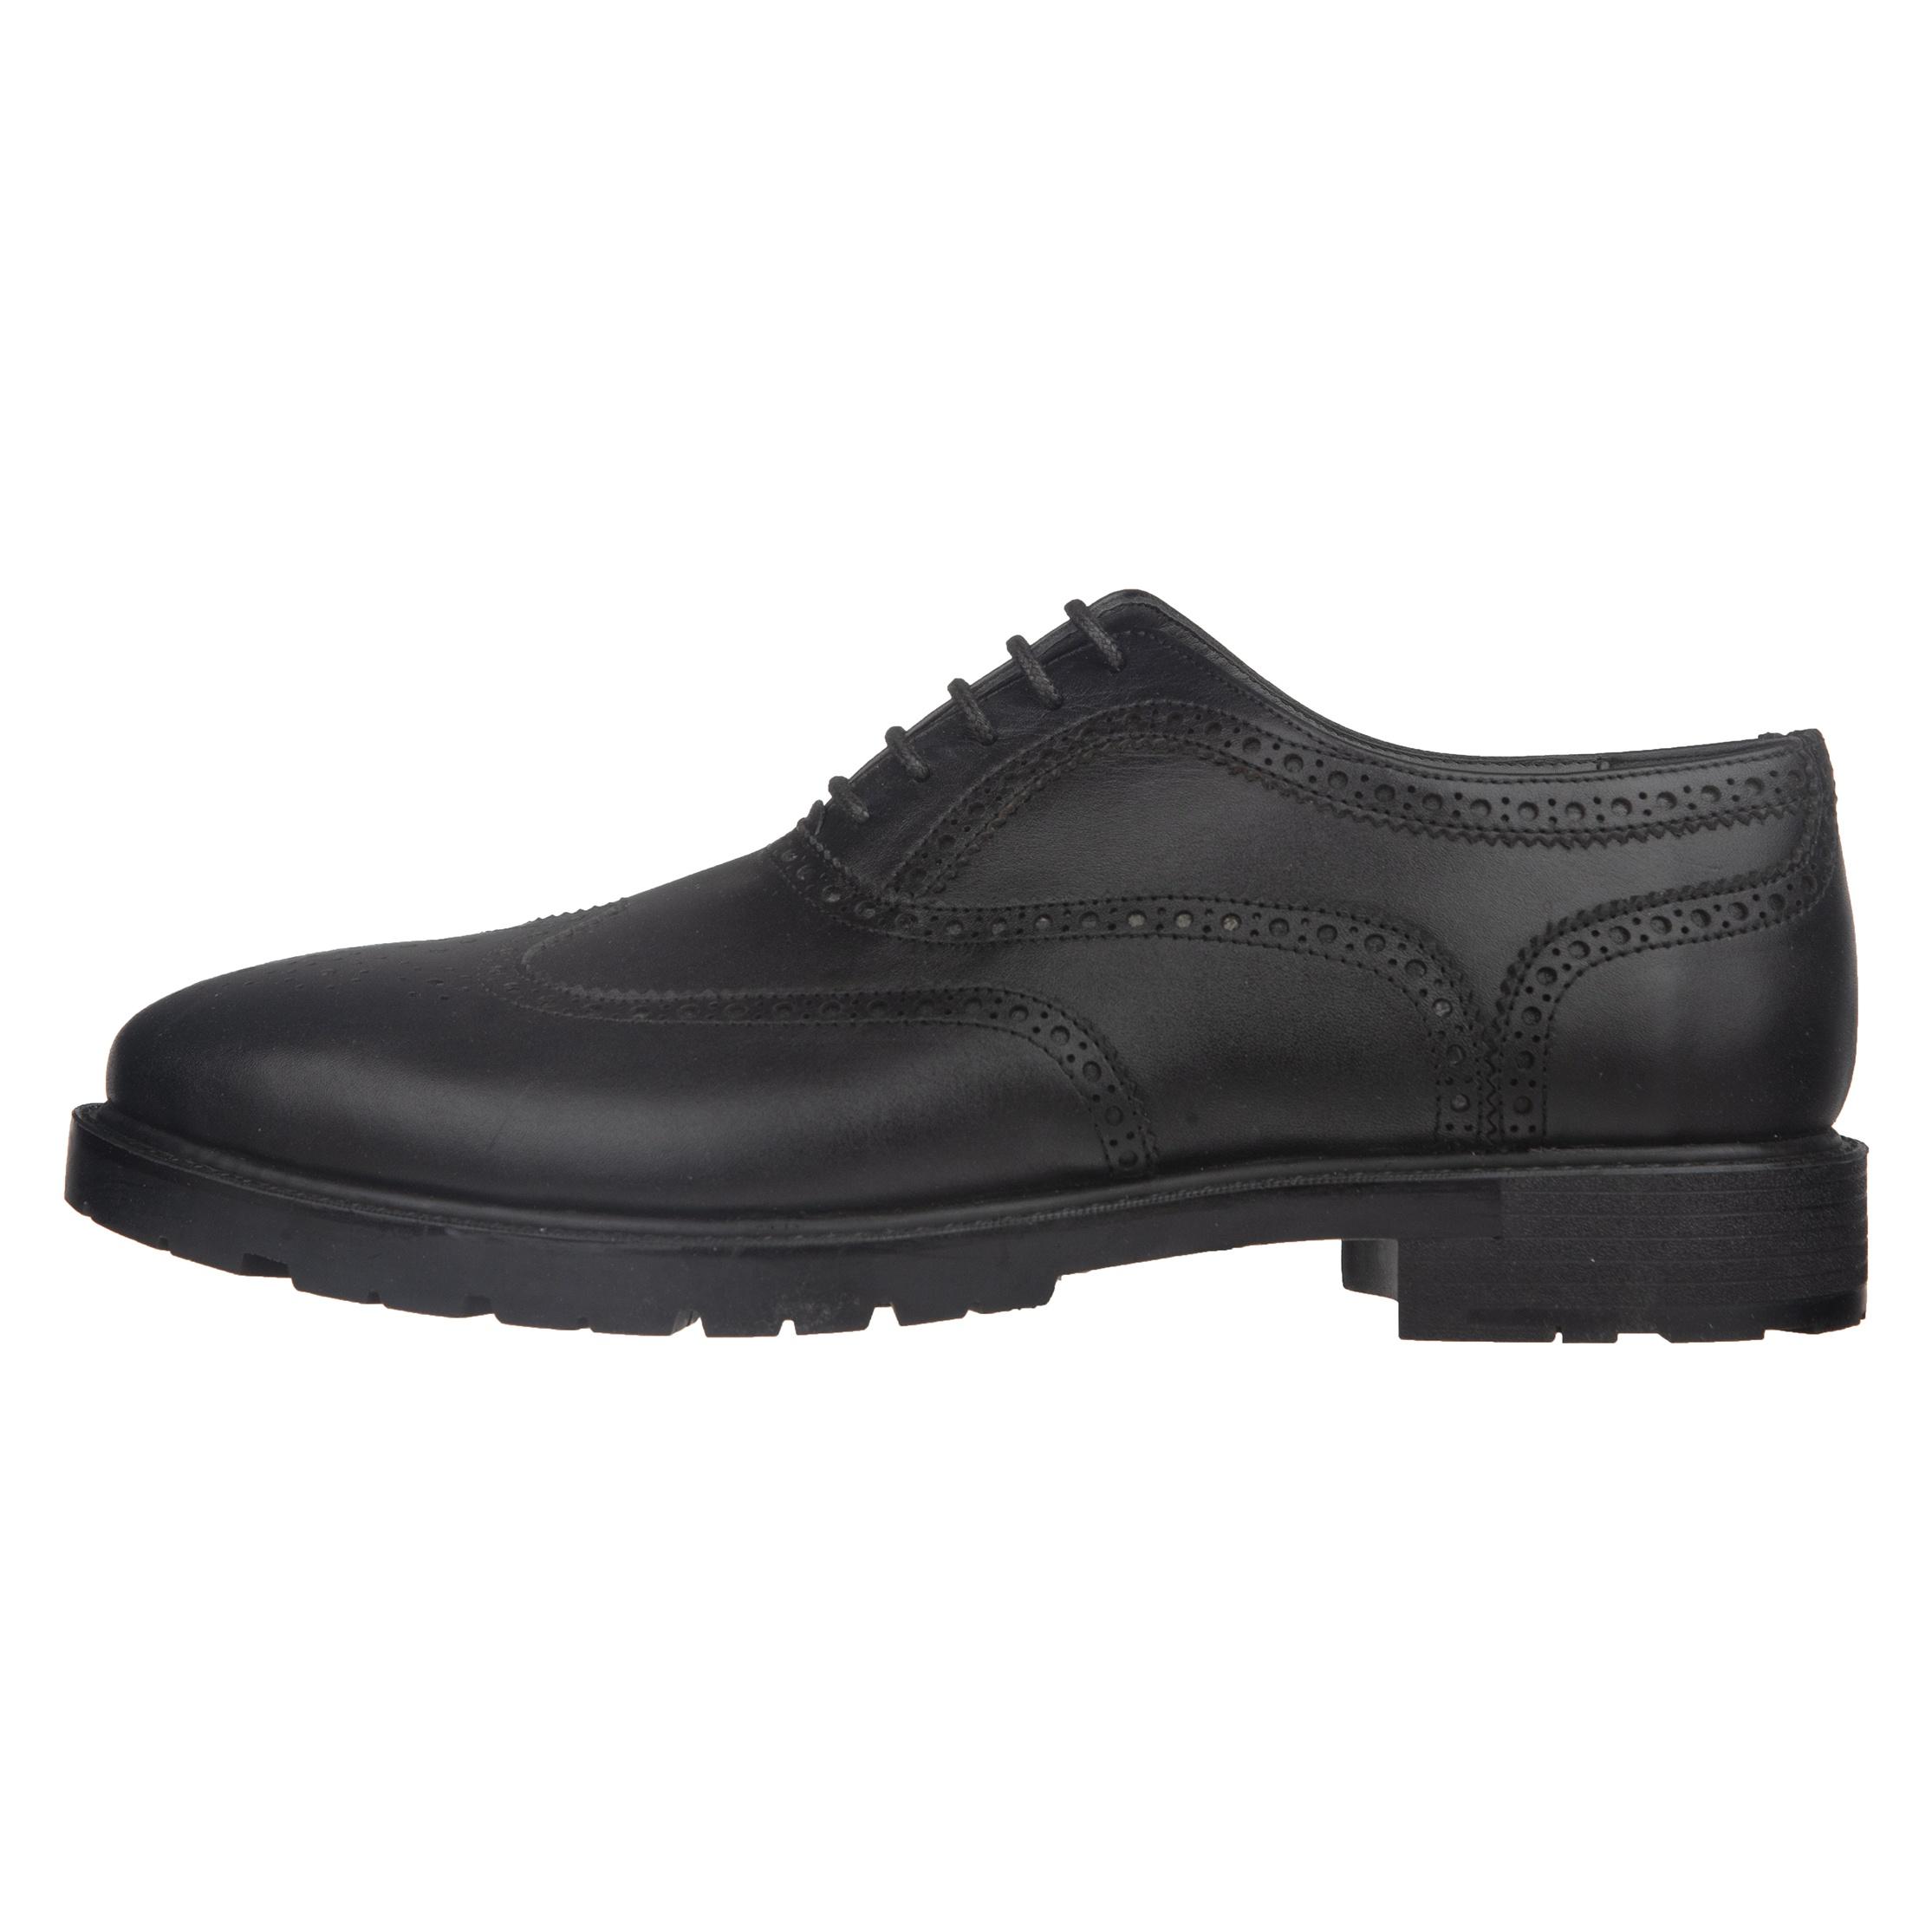 کفش مردانه بلوط مدل 7174A503-101